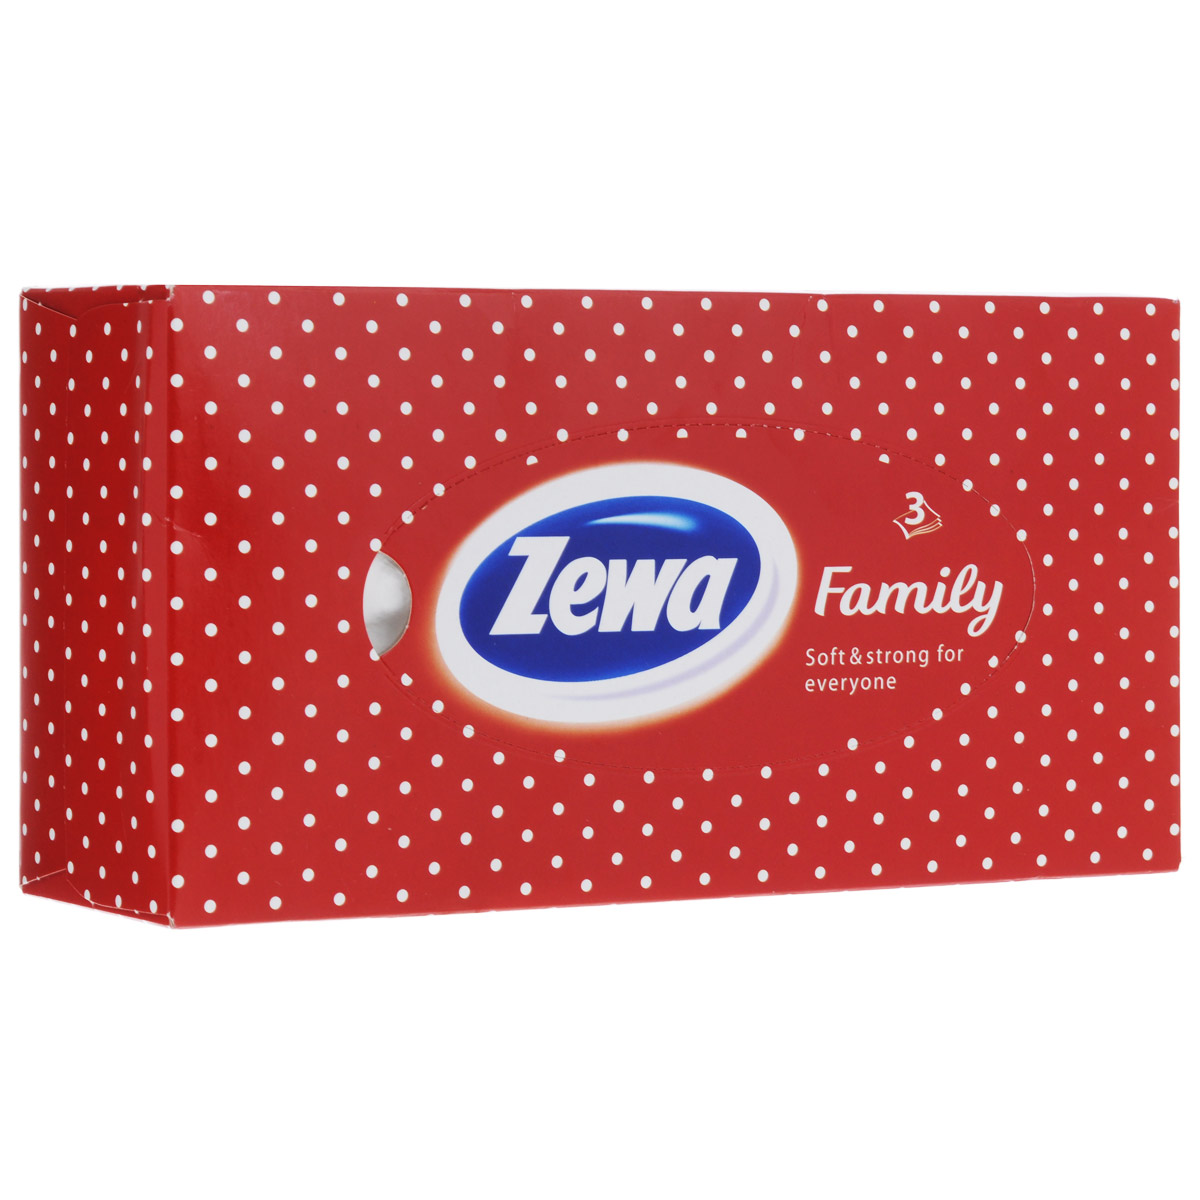 Платки в коробке Zewa Софт и Стронг, цвет: красный, 90 шт28032022Мягкие трехслойные носовые платки Zewa Софт и Стронг изготовлены из высококачественной экологически чистой целлюлозы. Обладают большой впитывающей способностью. Не вызывают аллергии, не раздражают чувствительную кожу. Просты и удобны в использовании.